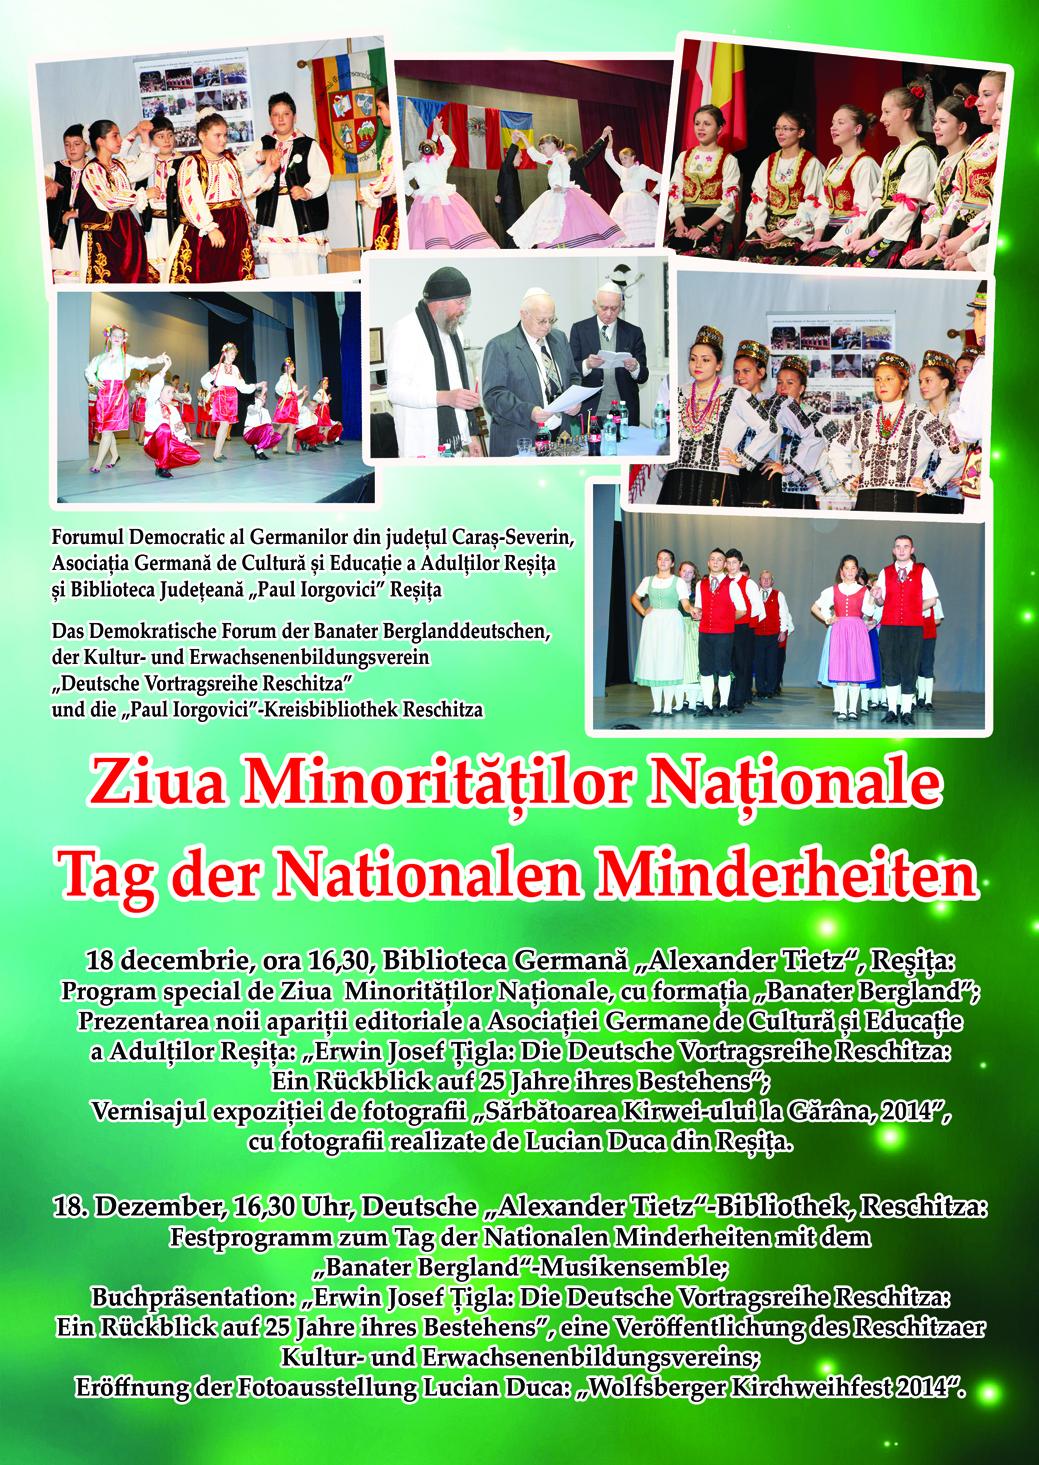 ZIUA MINORITATILOR NATIONALE 2014 - INVITATIE - AFIS